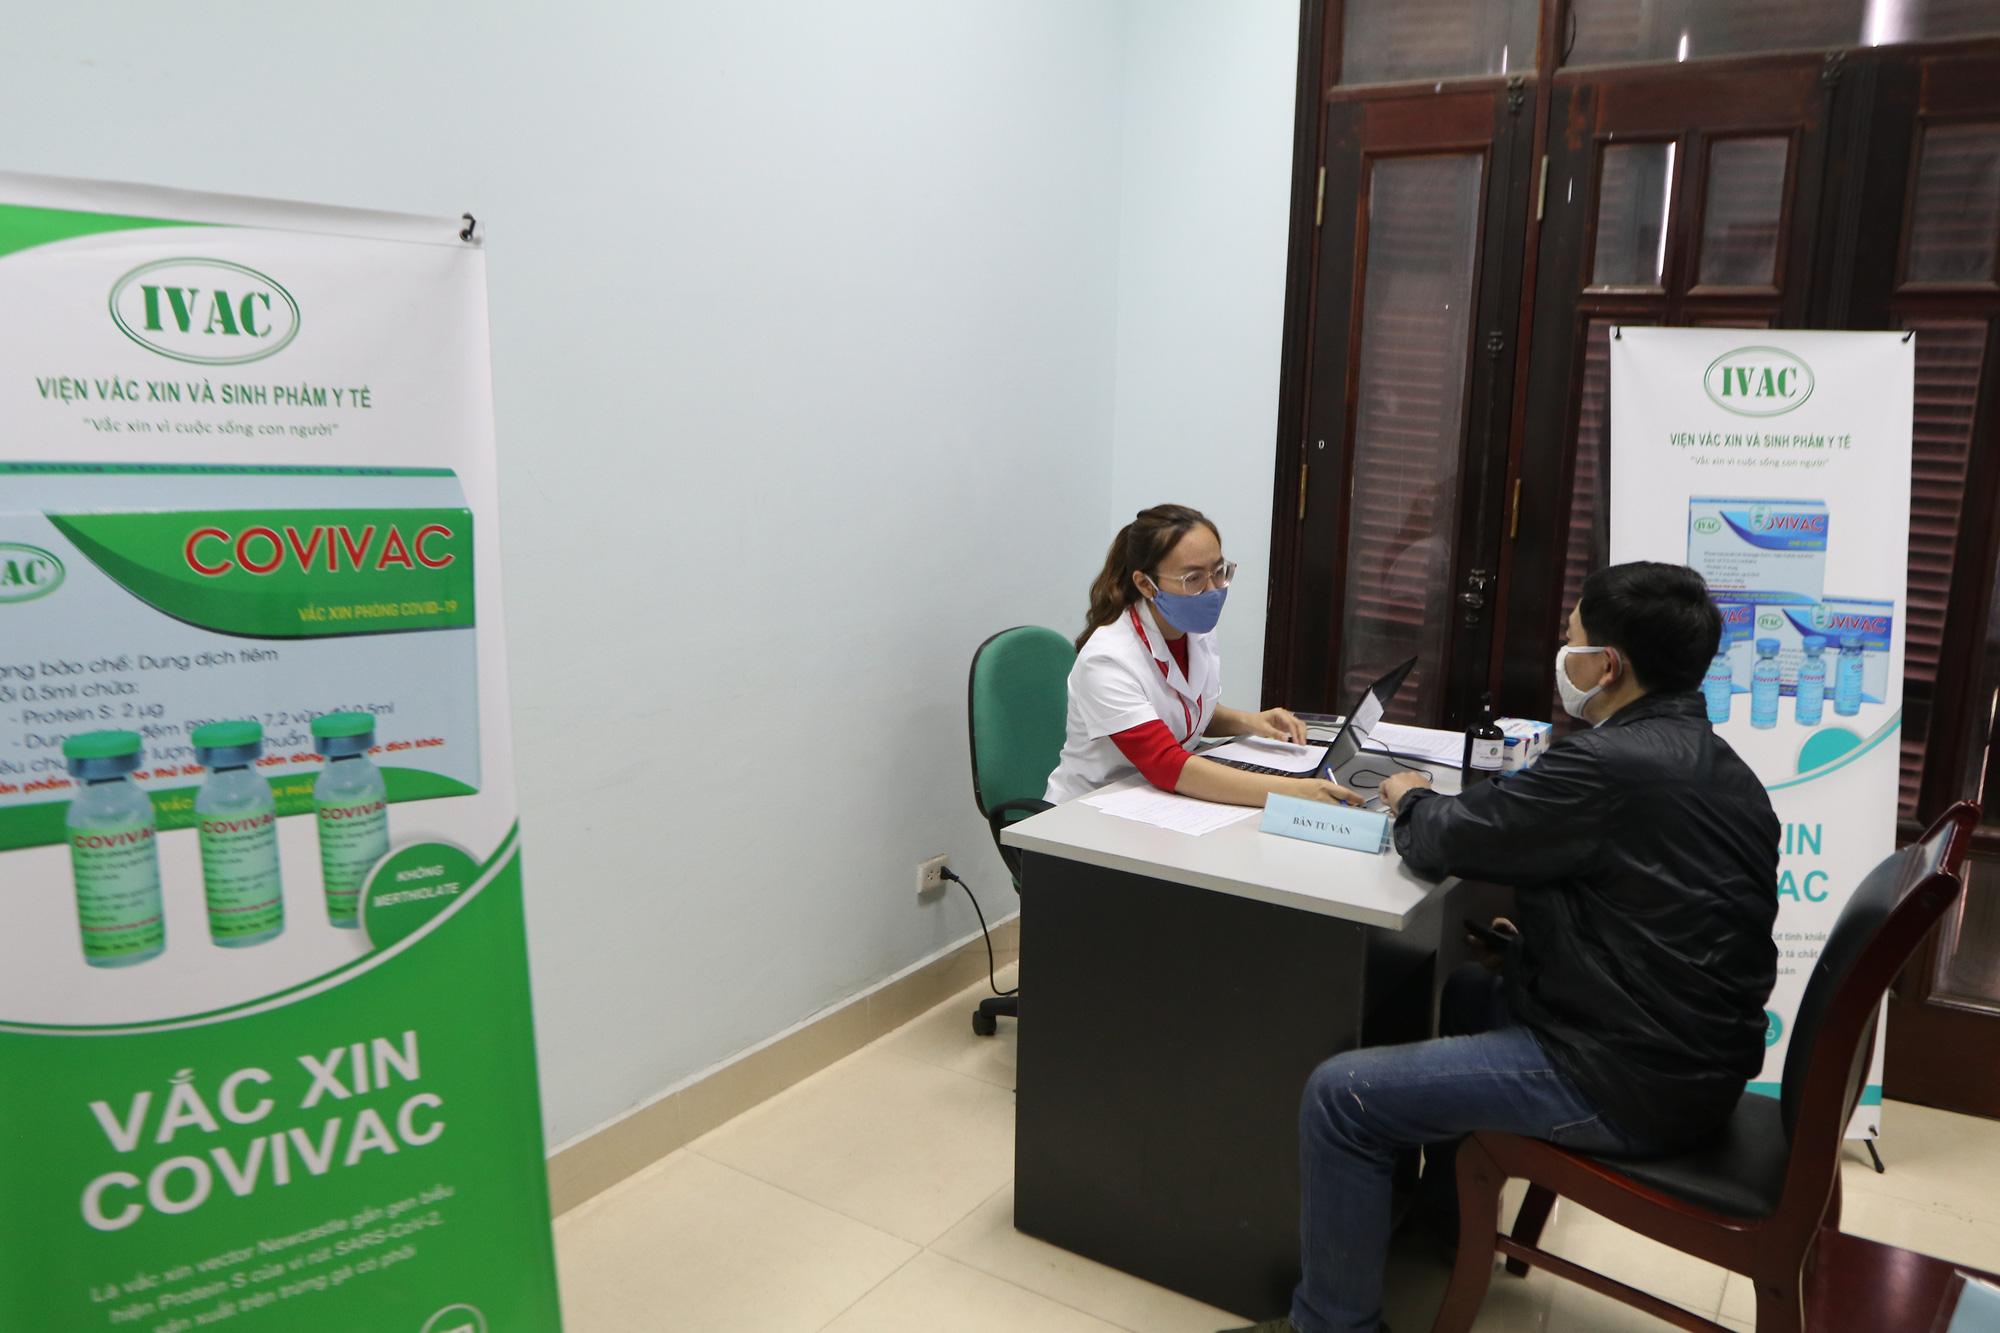 Bắt đầu tuyển tình nguyện viên thử nghiệm vắc xin điều trị Covid-19 thứ 2 của Việt Nam COVIVAC - Ảnh 2.